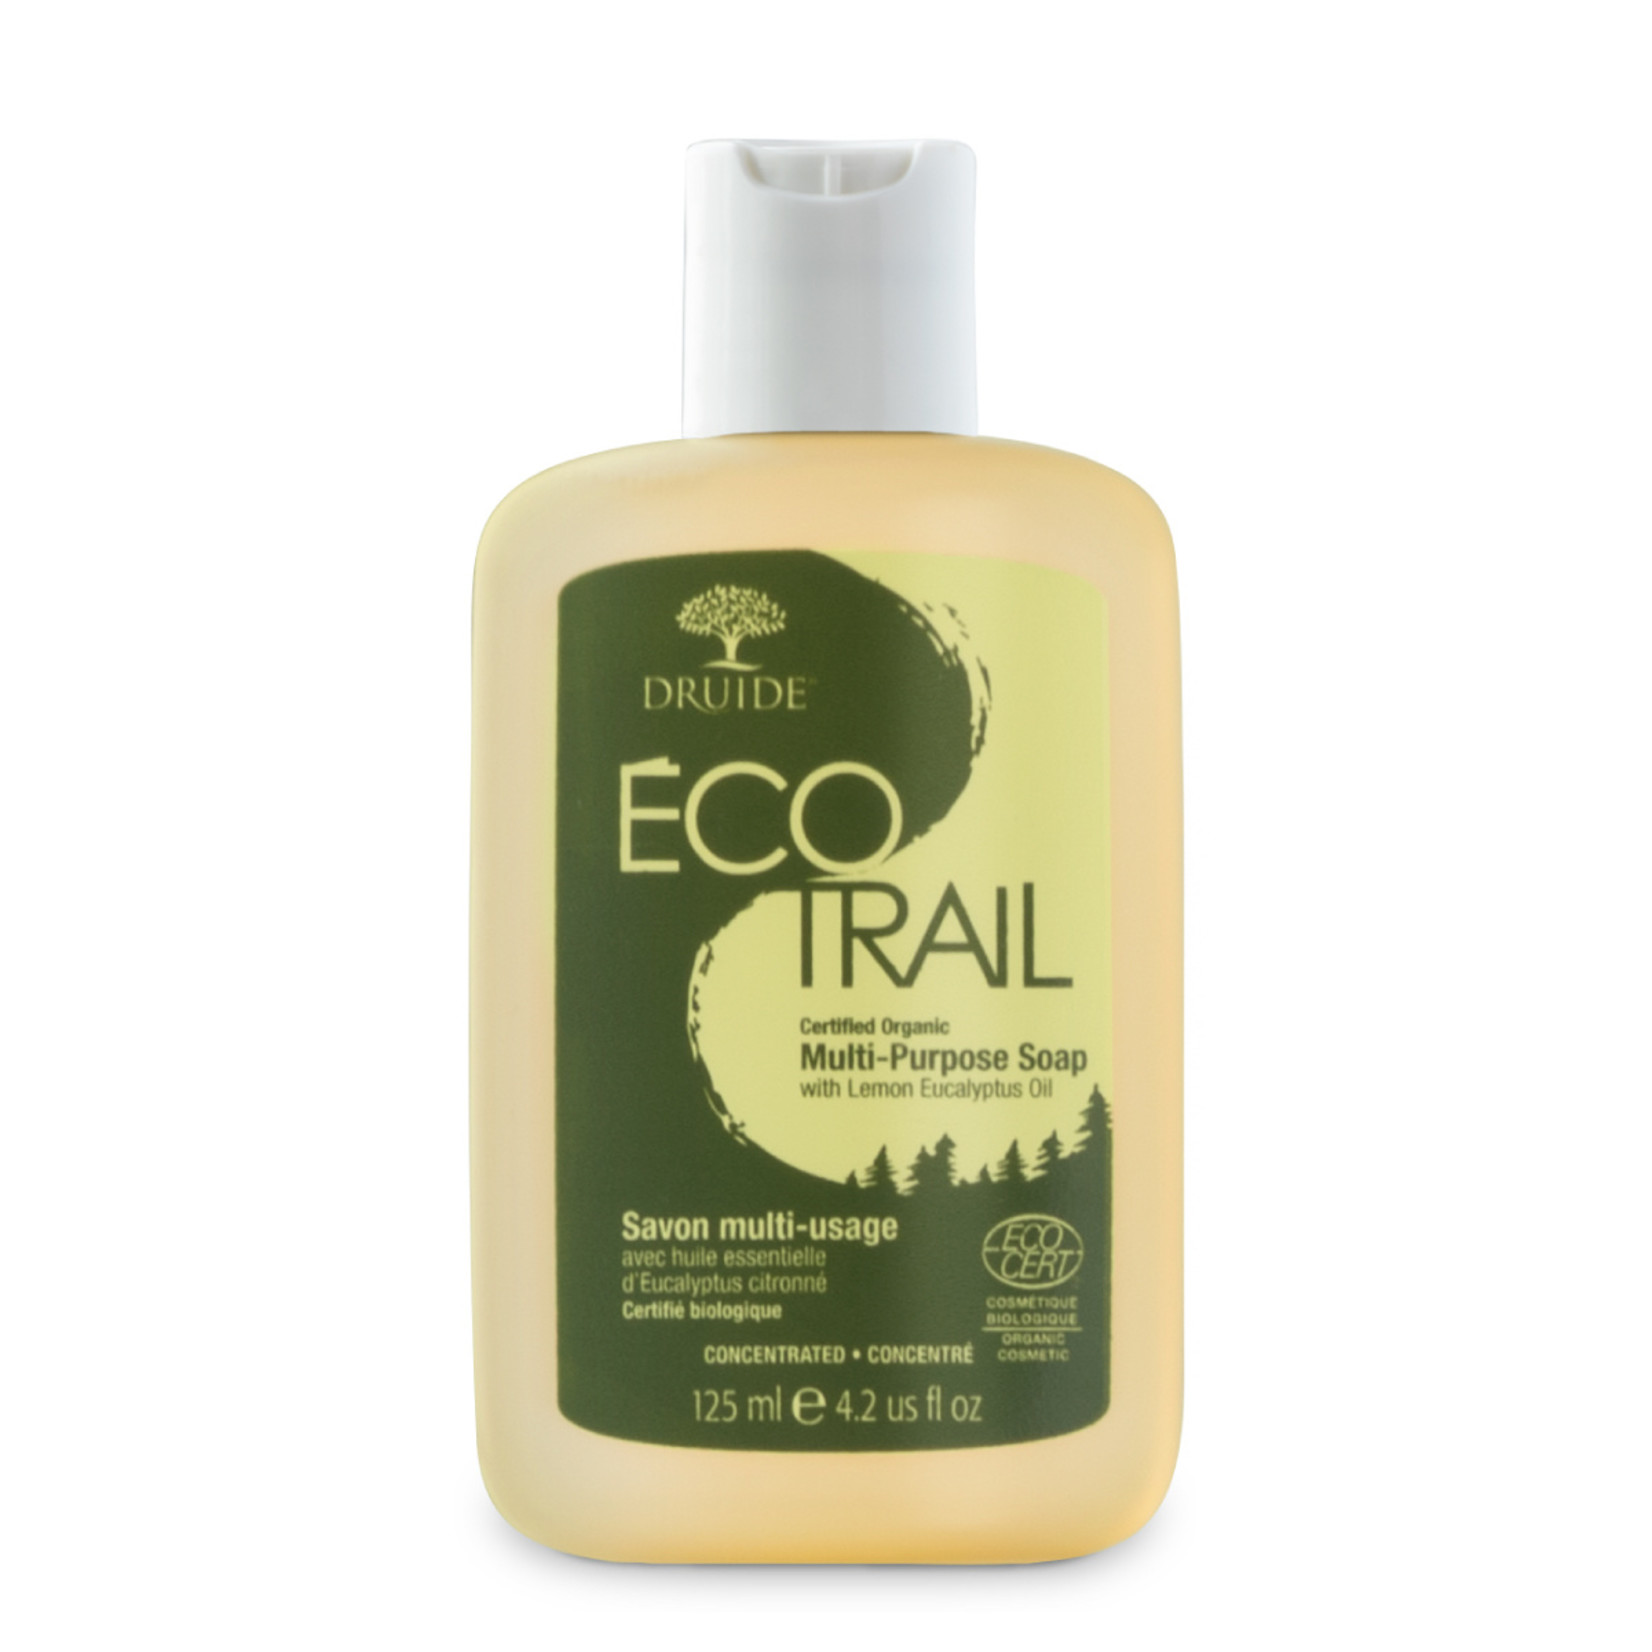 Druide Ecotrail Multi-Purpose Soap